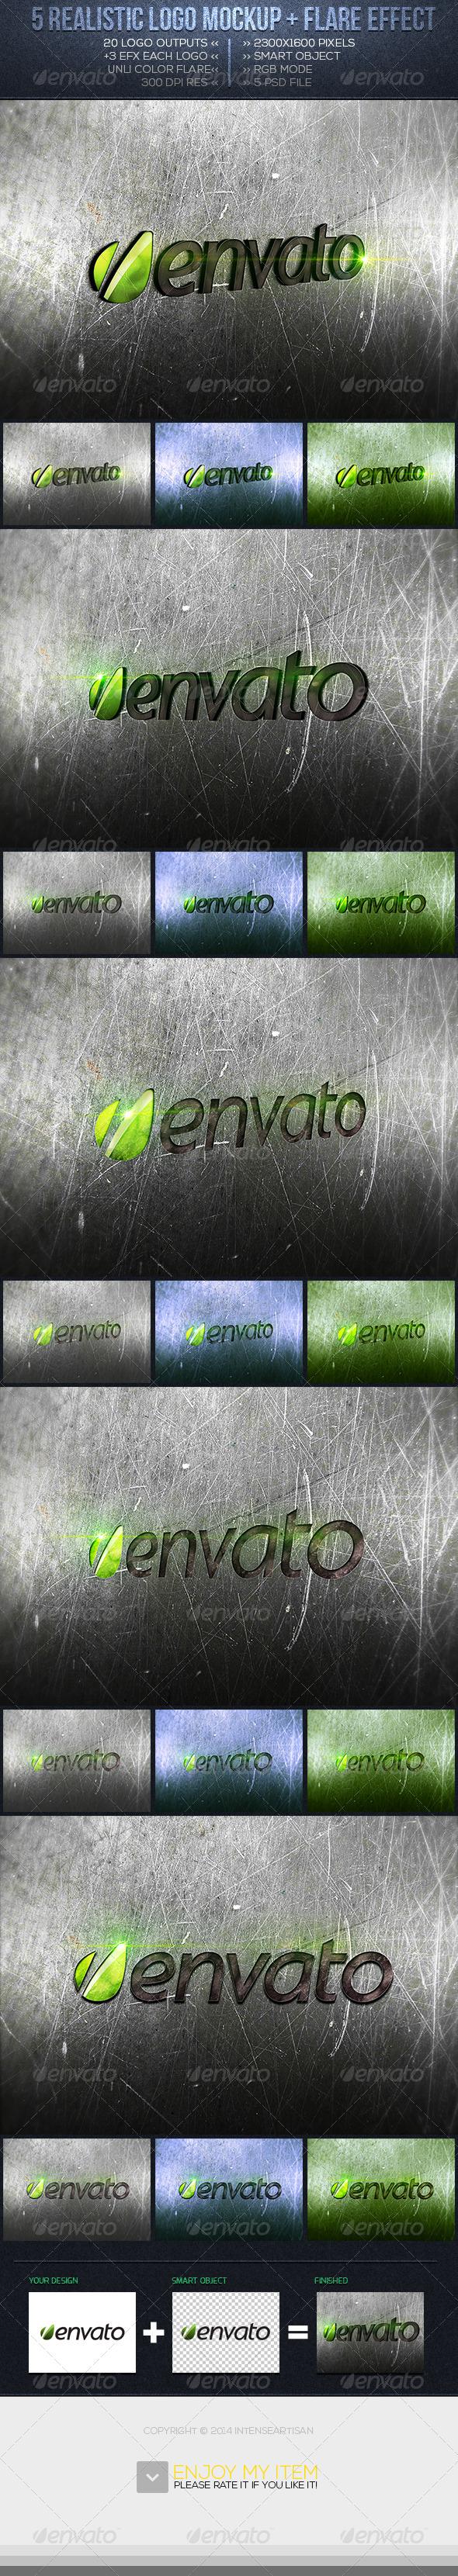 GraphicRiver Realistic Logo Mockup Vol.2 6624596